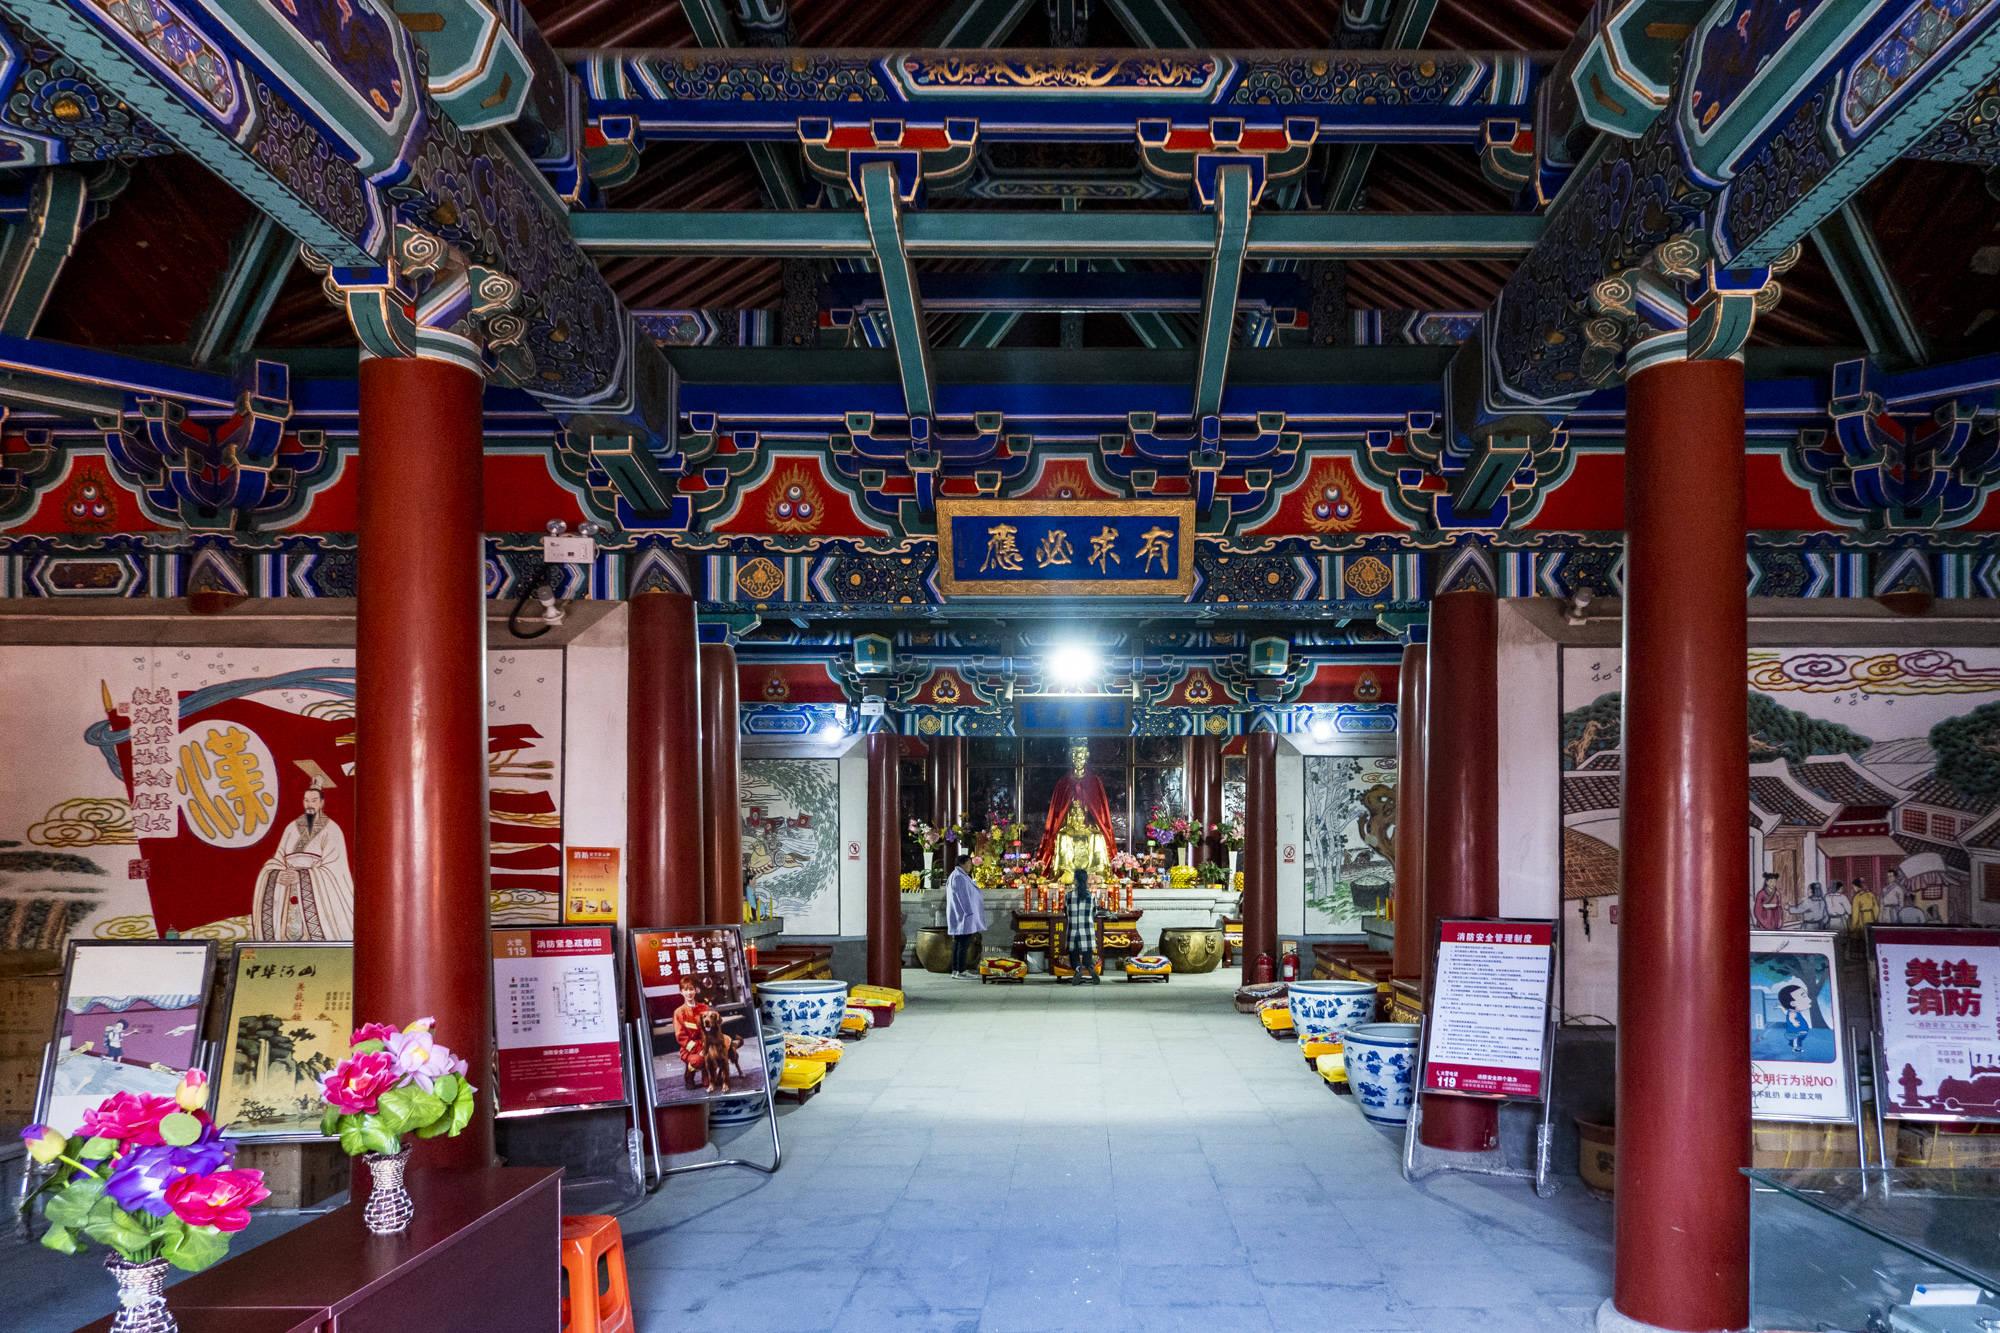 """中国有一个""""麻城"""" 千年古镇 旅游胜地 这些美味难以抗拒"""